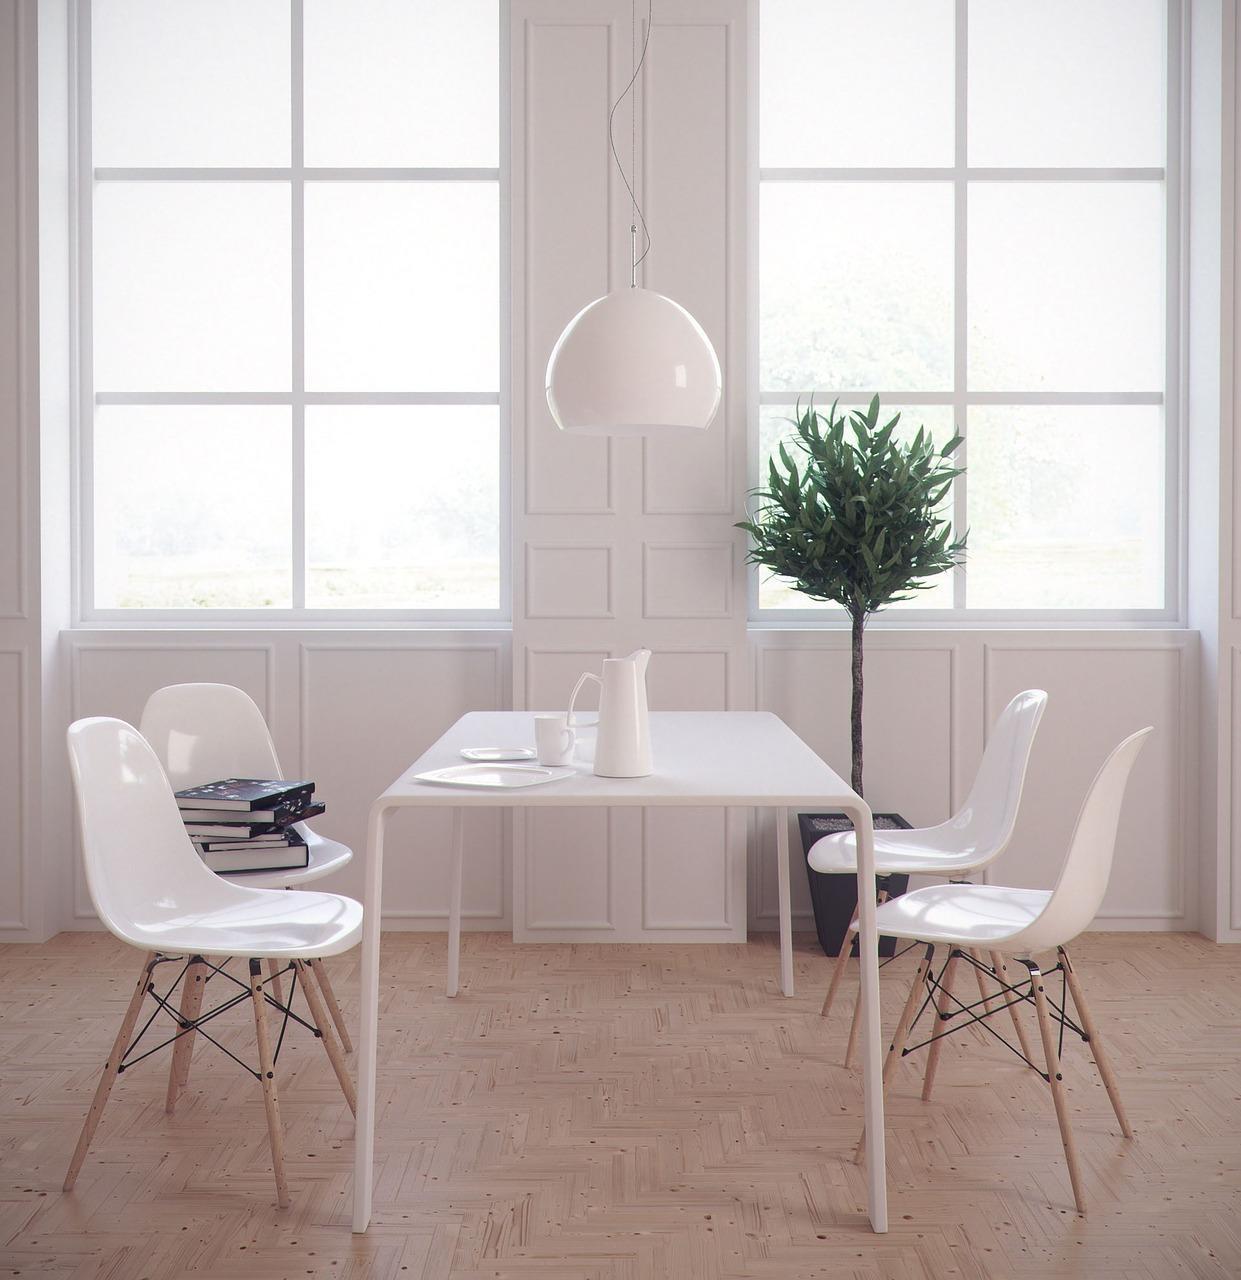 natural light in design.jpg